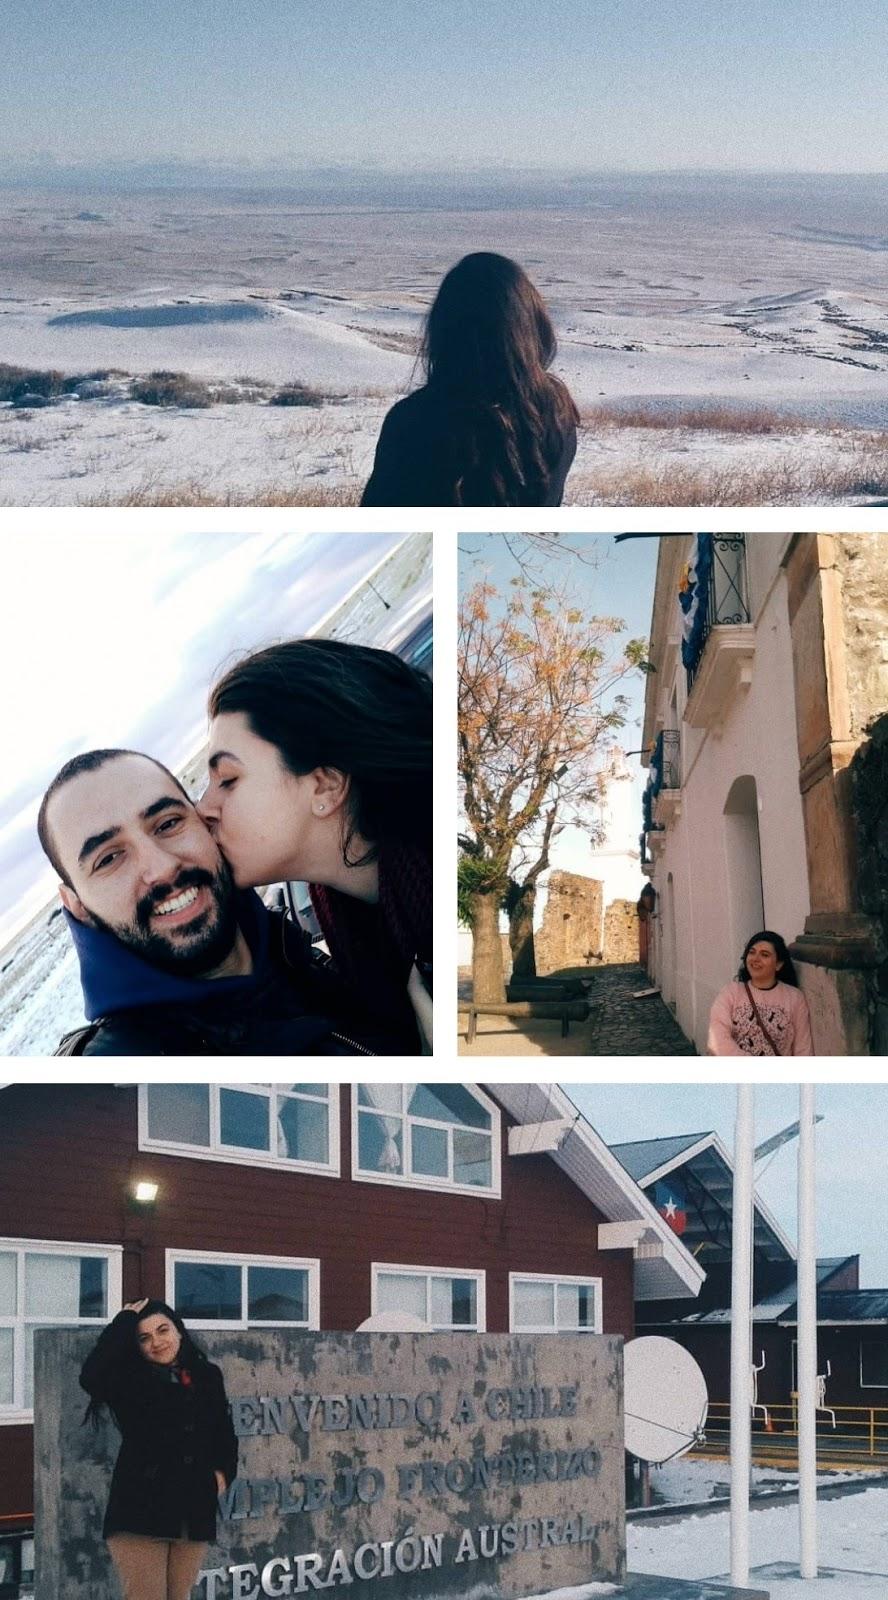 Compilado de imagens das viagens de carro pela Argentina e Uruguai.